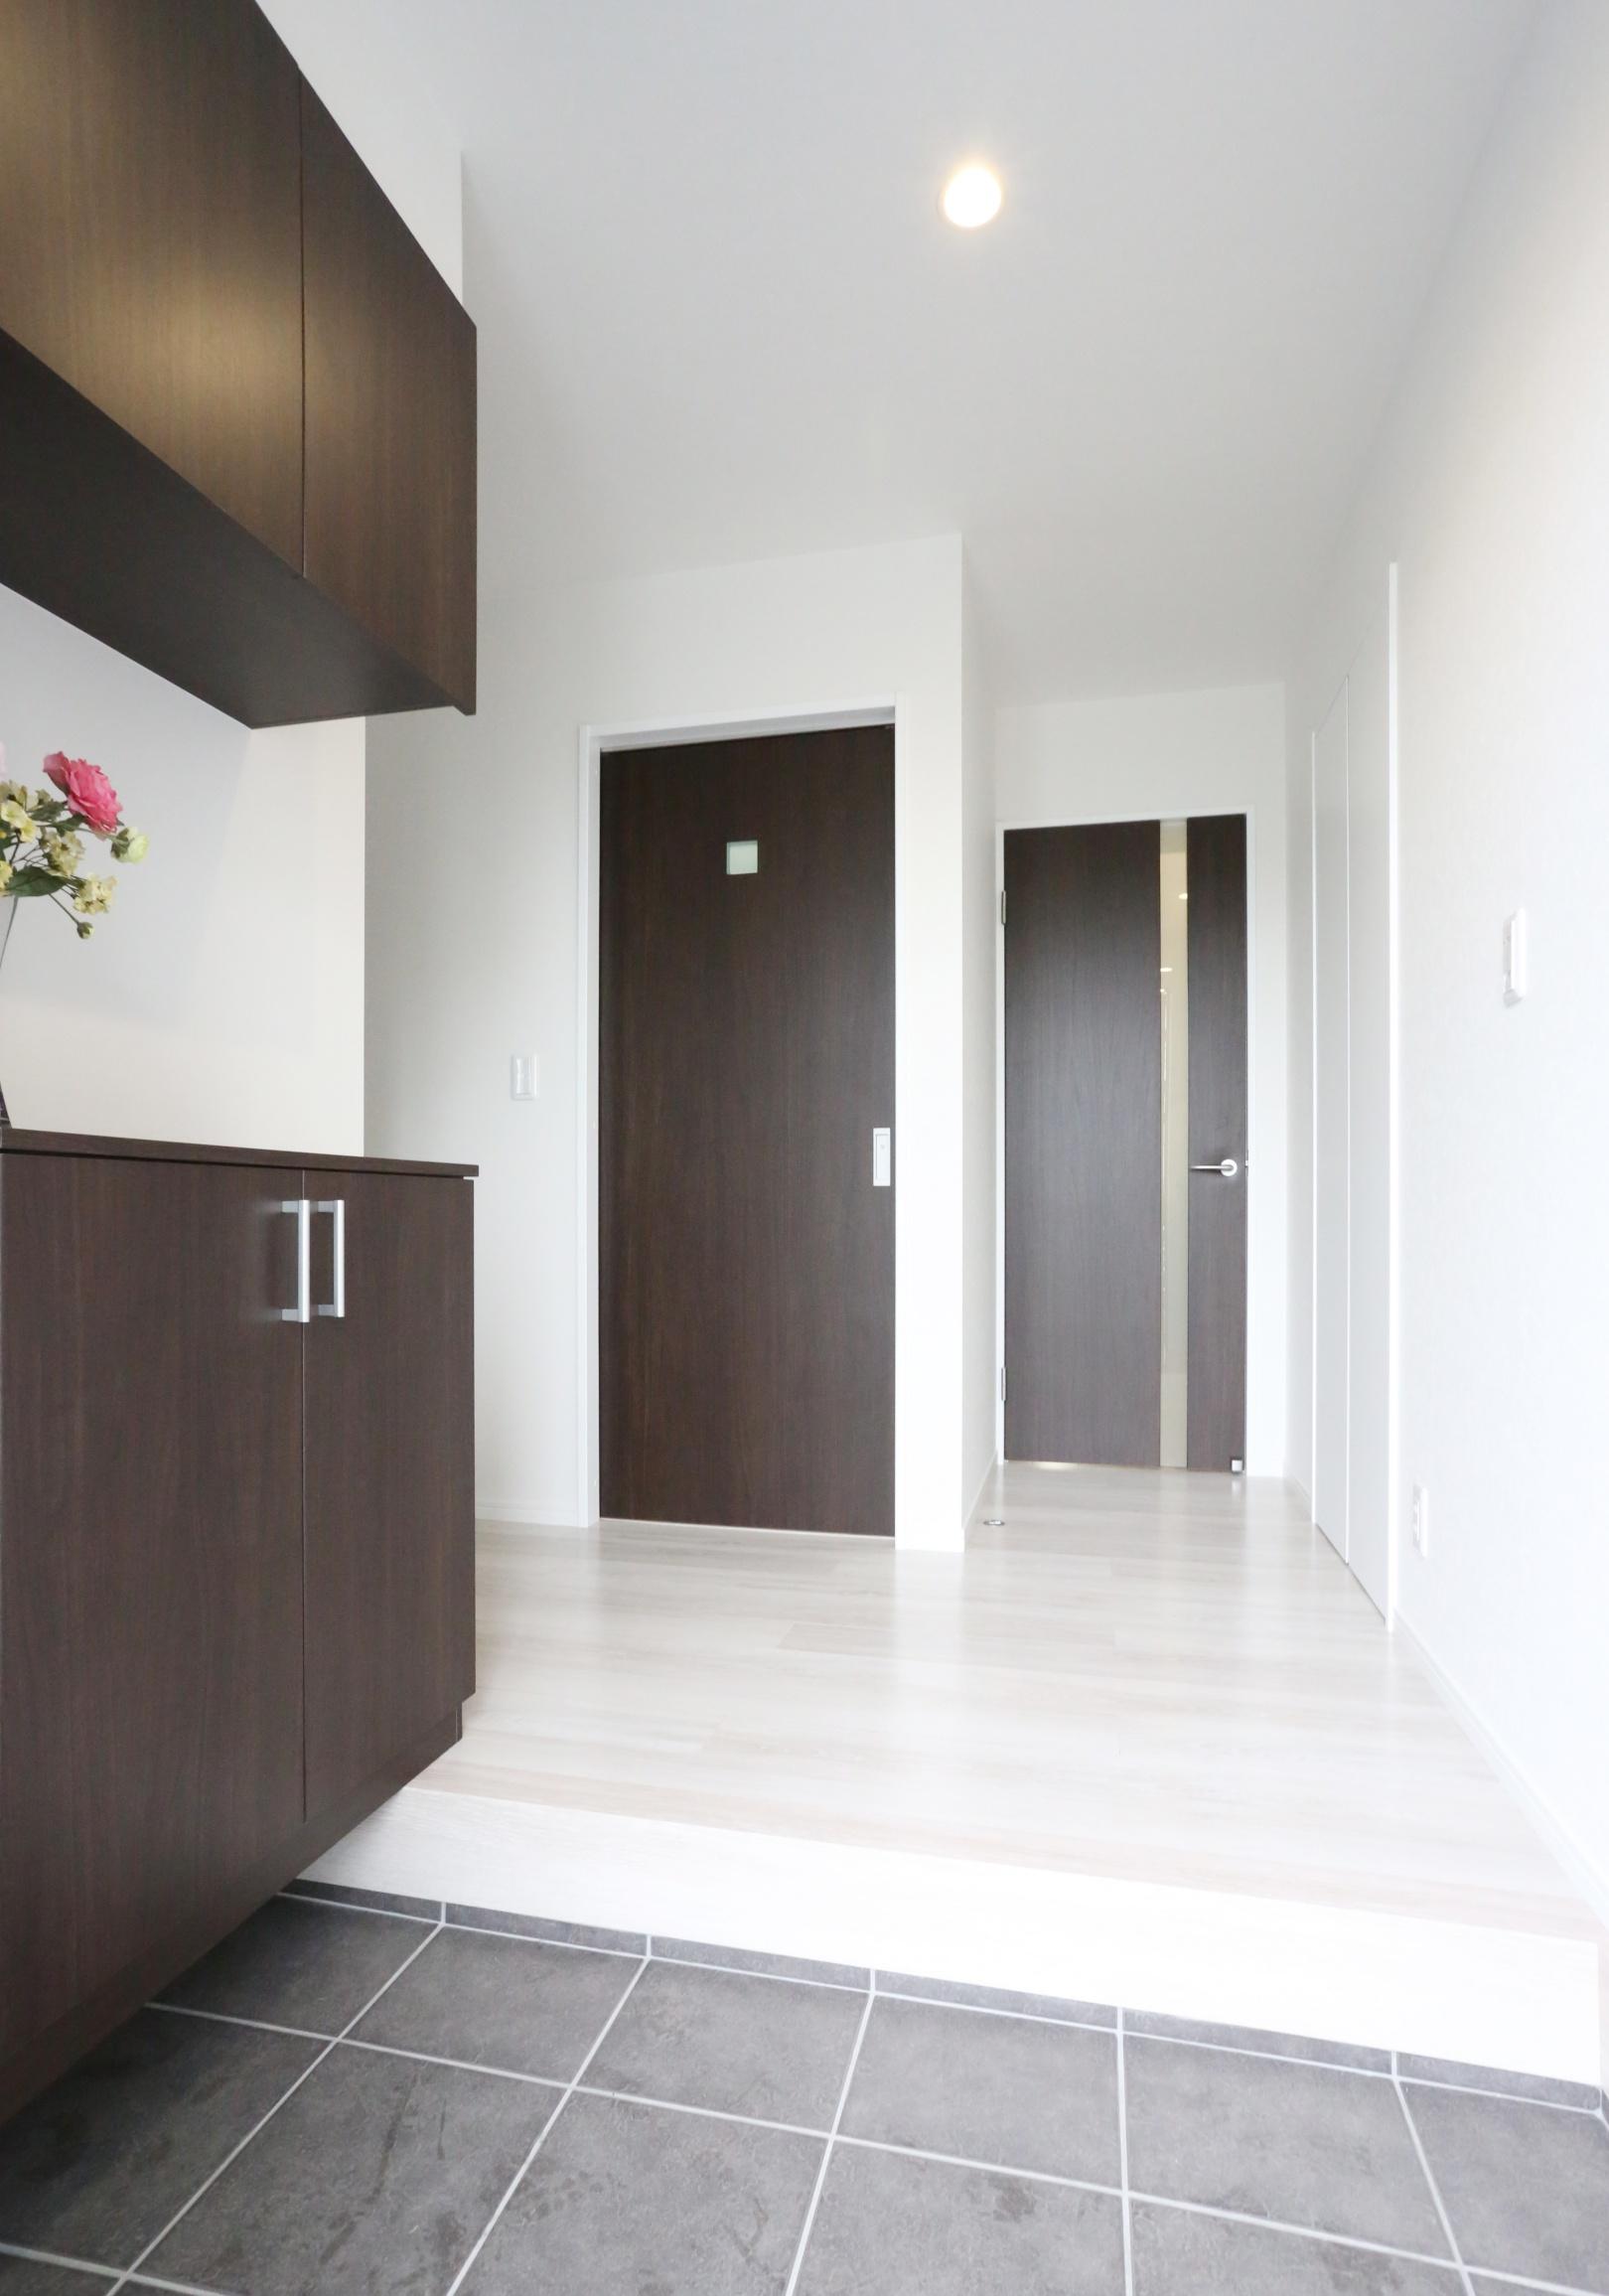 右の扉からは直接リビングへ、左の引戸からは洗面脱衣室を通って リビングへいくことができます。